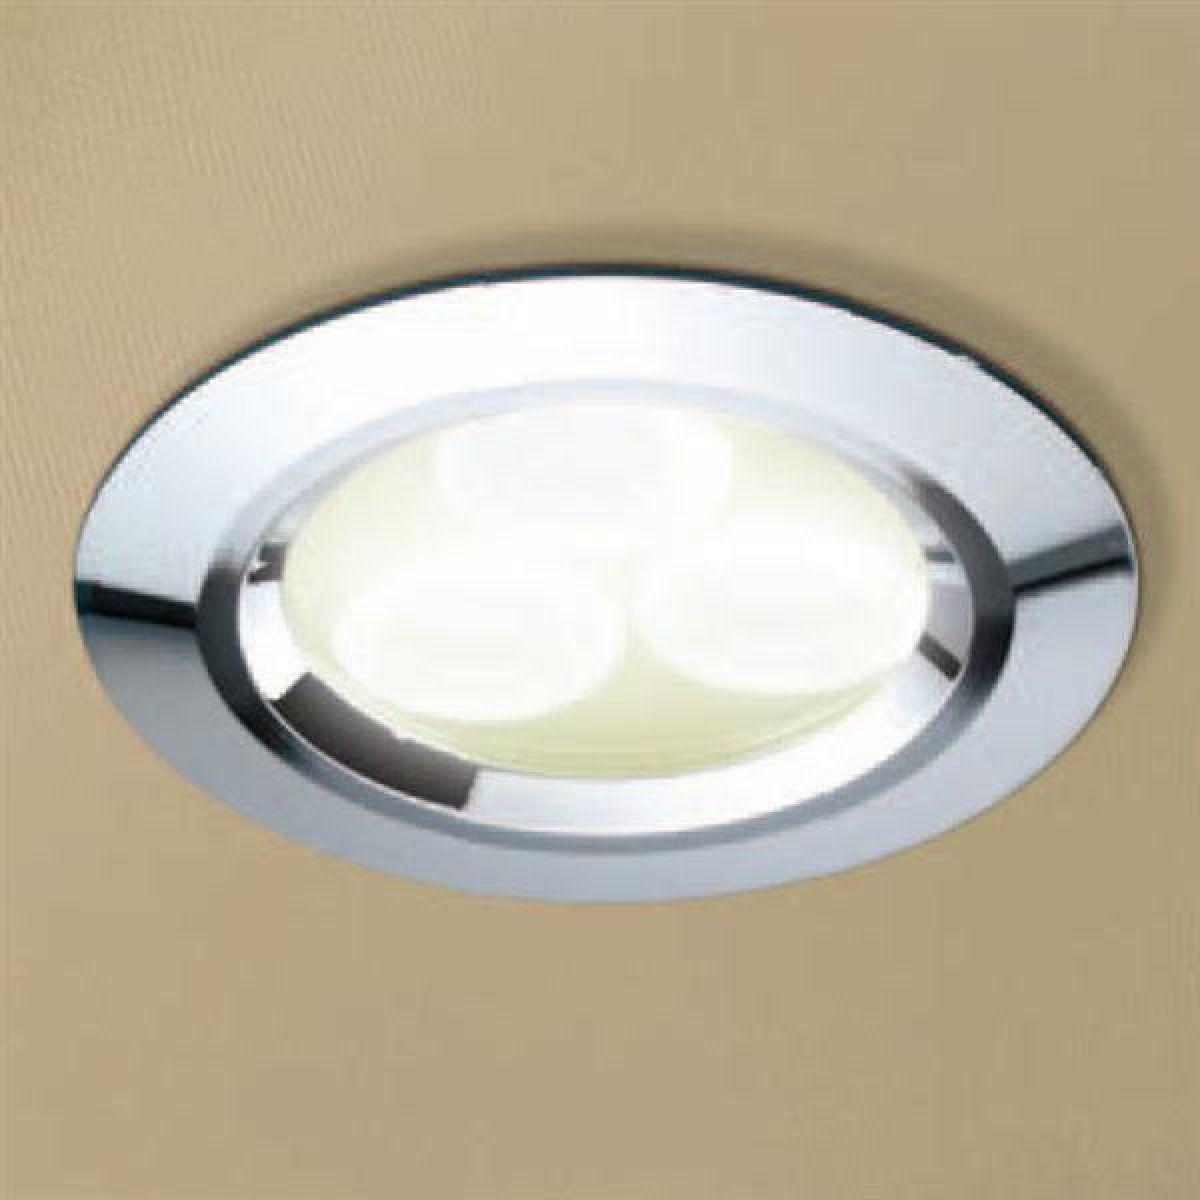 HiB Warm White LED Chrome Shower Light